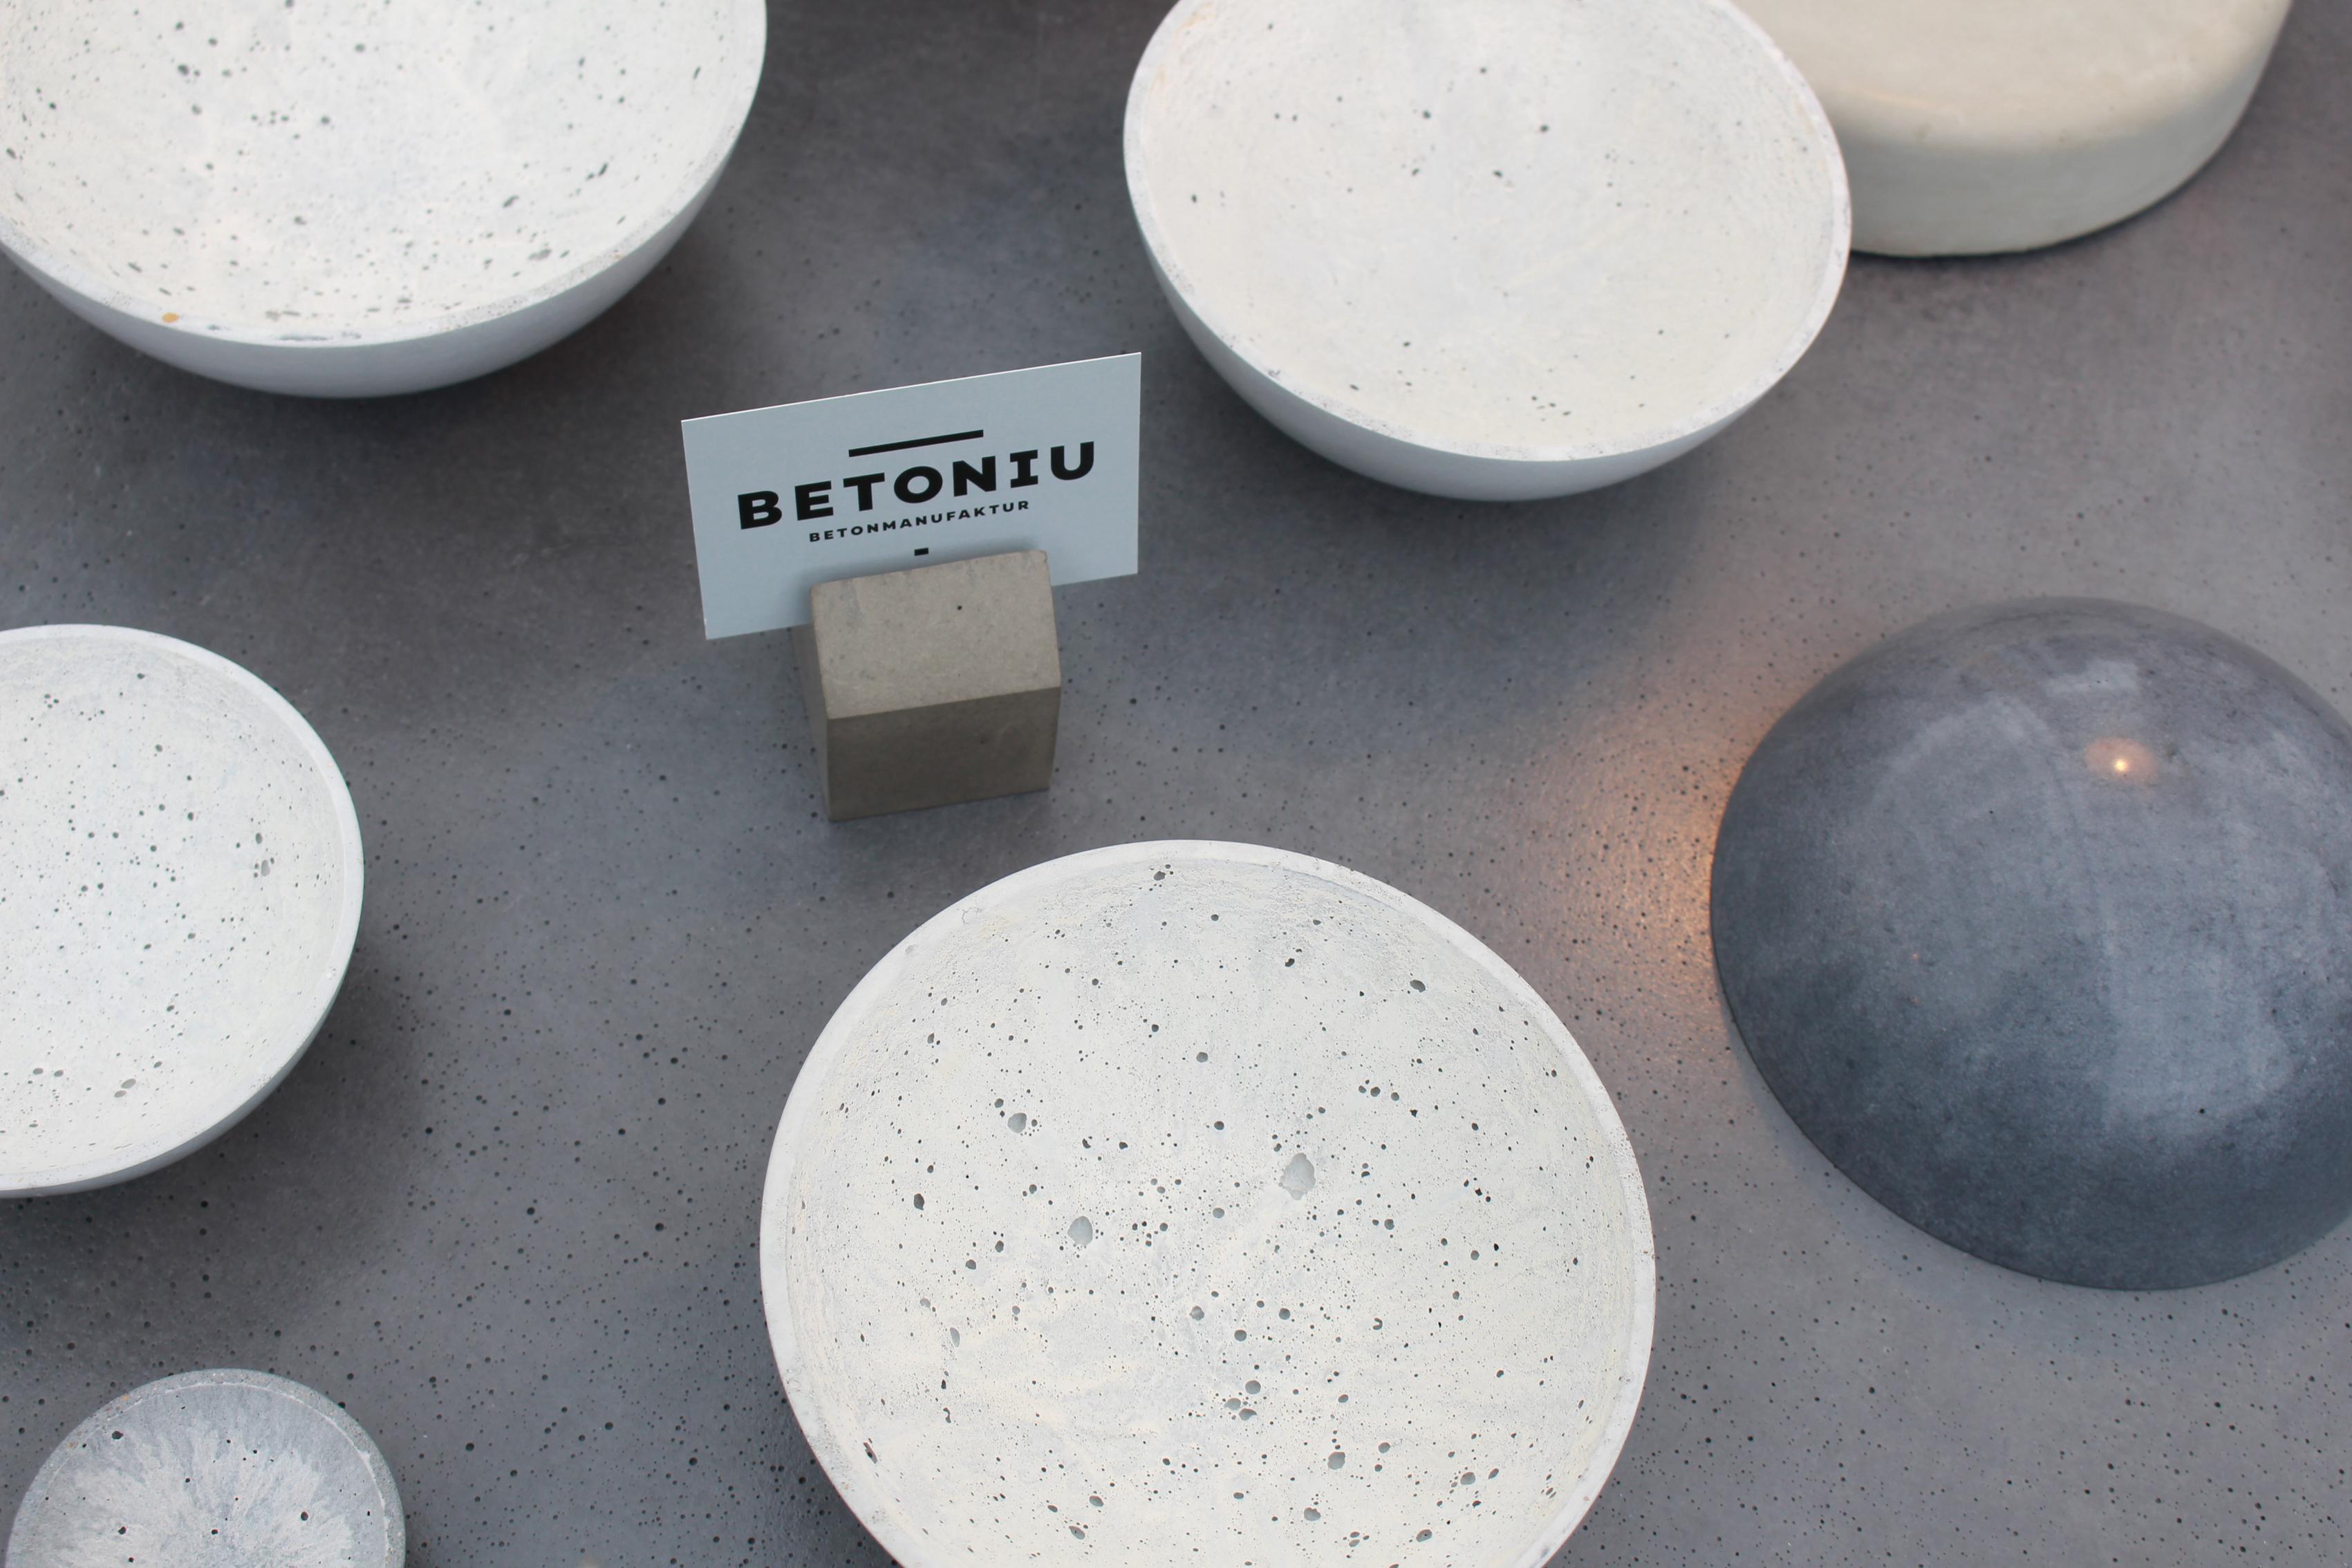 designers-open-2015-betoniu-betonschale